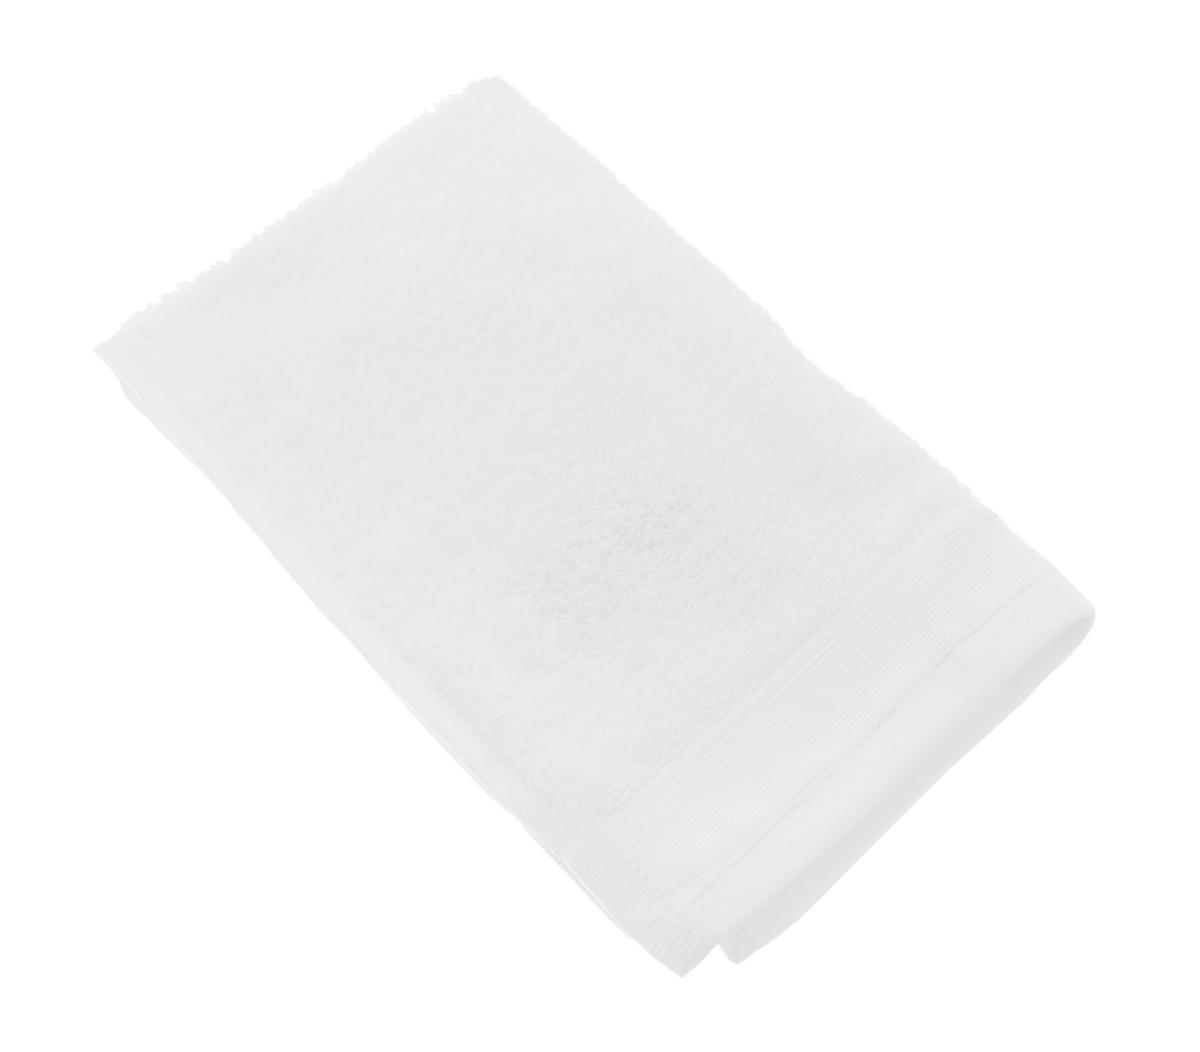 Полотенце махровое Guten Morgen, цвет: белый, 30 х 50 смПМбел-30-50Махровое полотенце Guten Morgen, изготовленное из натурального хлопка, прекрасно впитывает влагу и быстро сохнет. Высокая плотность ткани делает полотенце мягкими, прочными и пушистыми. При соблюдении рекомендаций по уходу изделие сохраняет яркость цвета и не теряет форму даже после многократных стирок. Махровое полотенце Guten Morgen станет достойным выбором для вас и приятным подарком для ваших близких. Мягкость и высокое качество материала, из которого изготовлено полотенце, не оставит вас равнодушными.